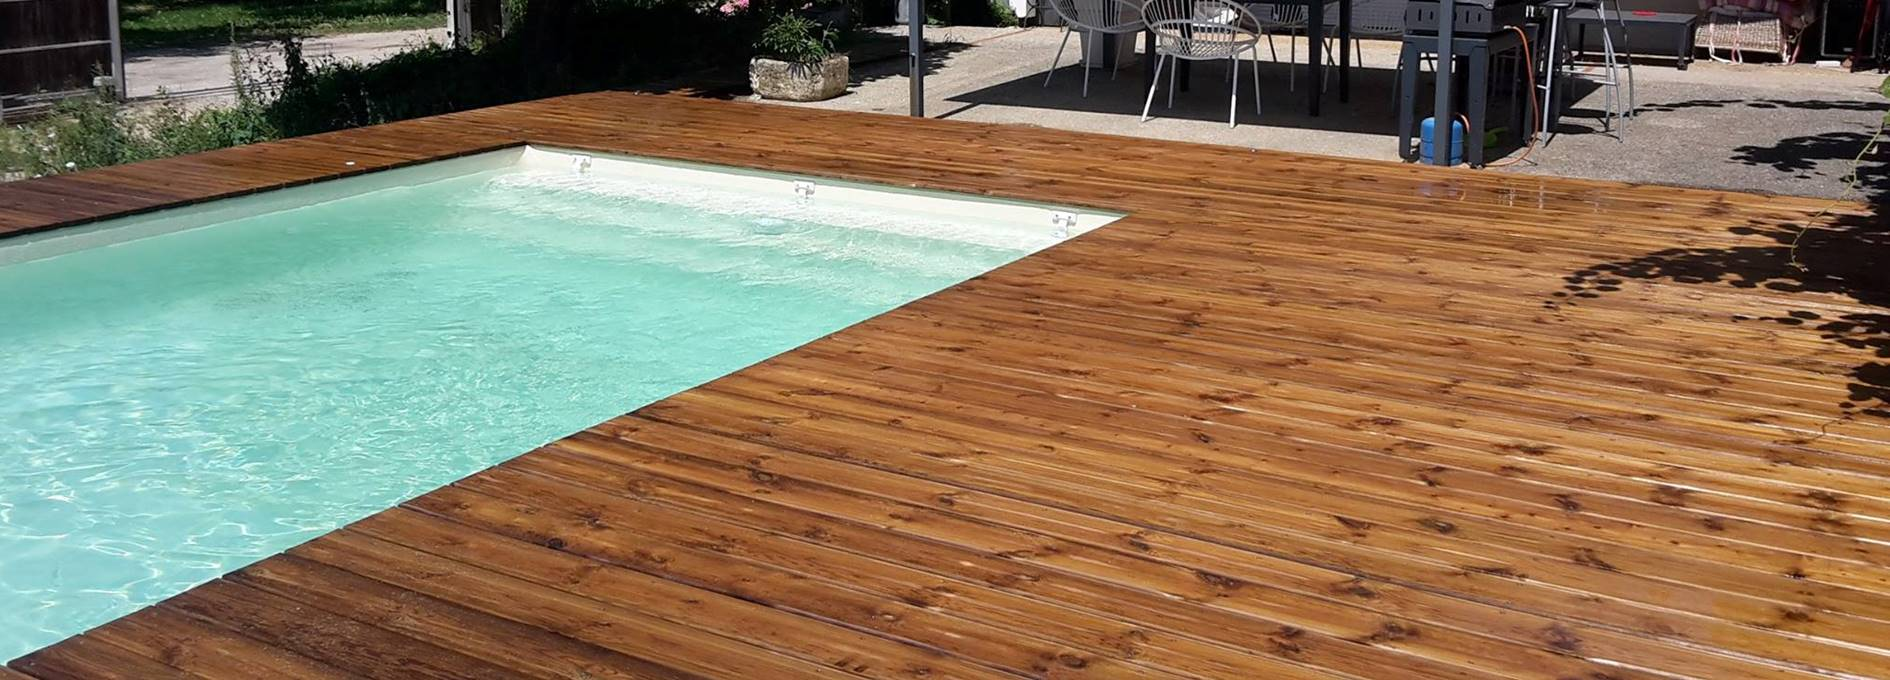 Les piscines en bois